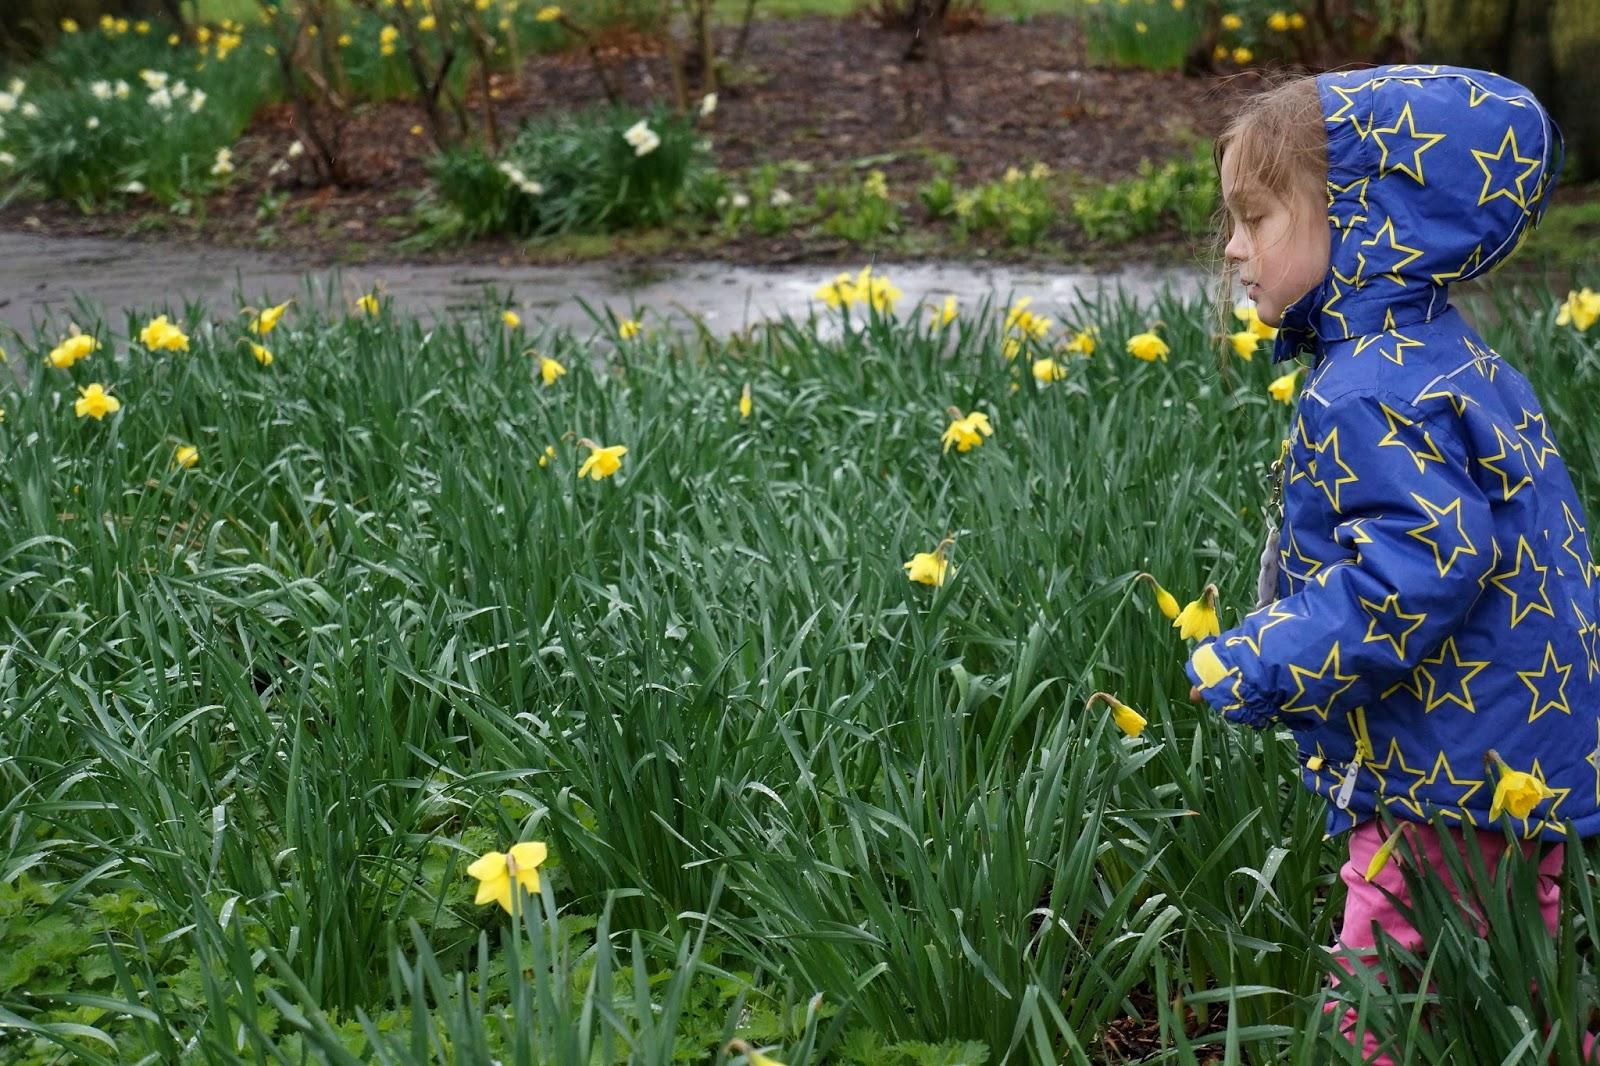 little girl walking amongst flowers